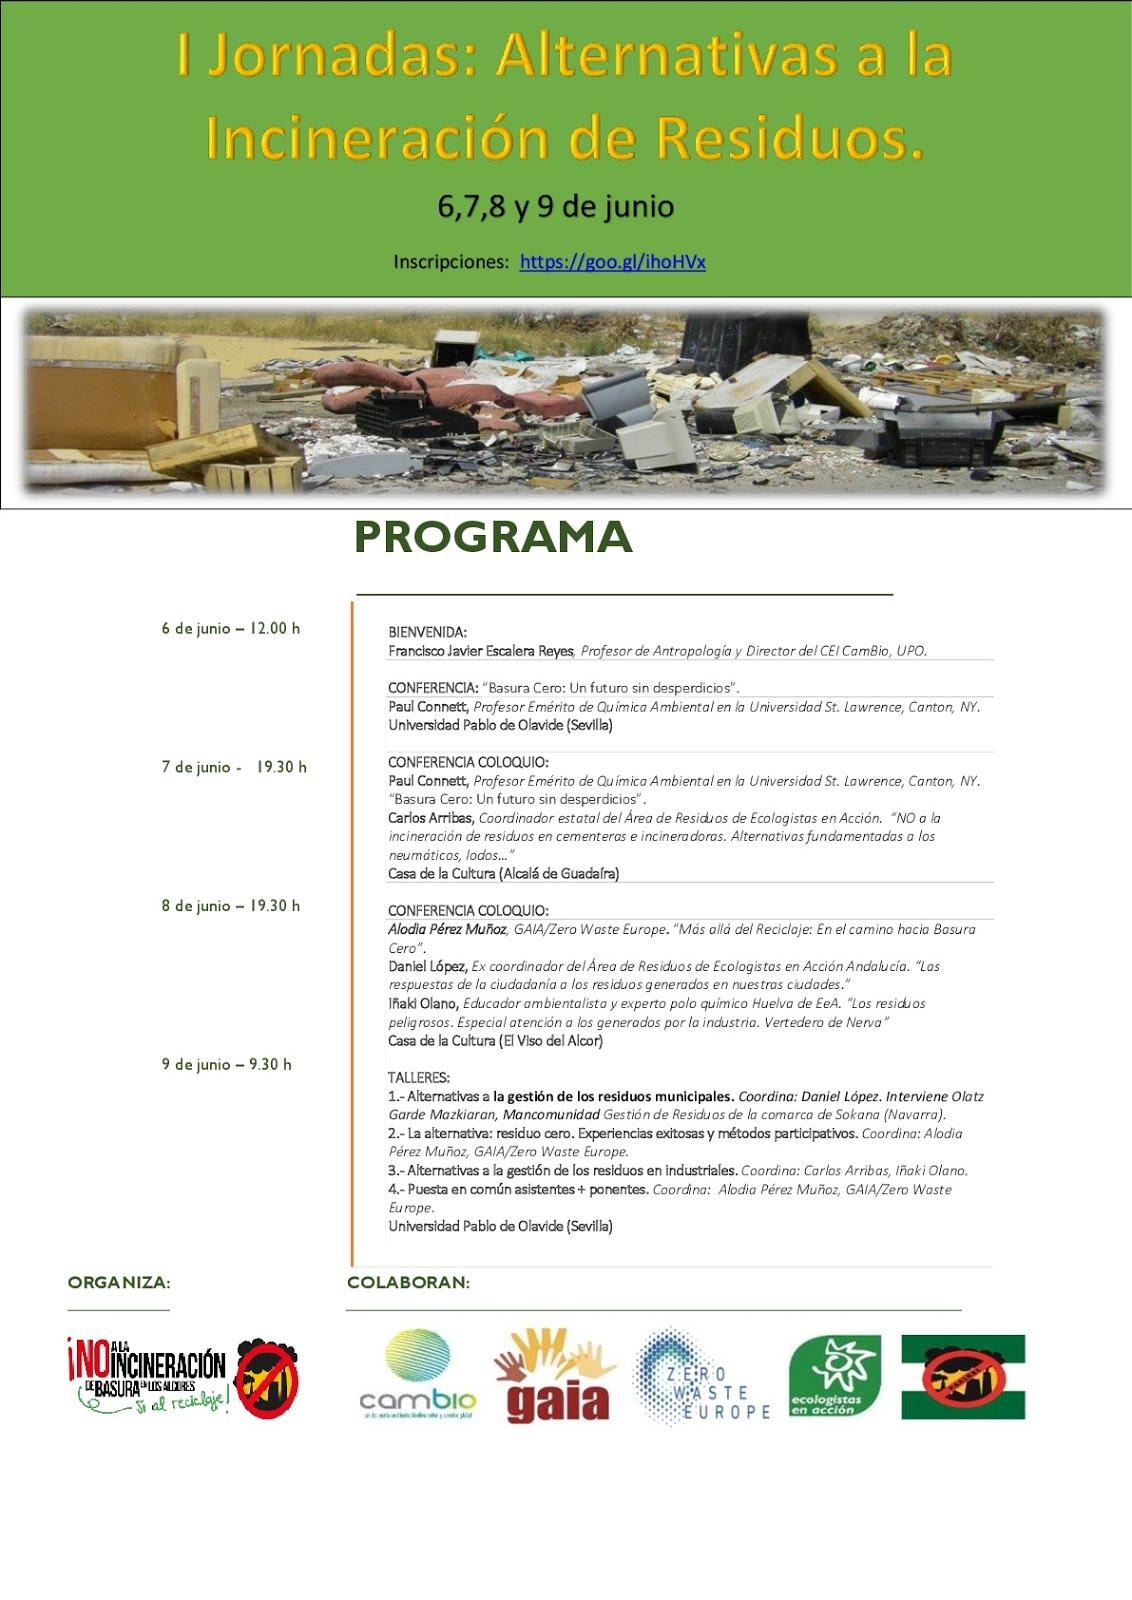 Importante inscribirse JORNADAS ALTERNATIVAS DE INCINERACIÓN DE RESIDUOS, 6,7,8 Y 9 Junio. Programa